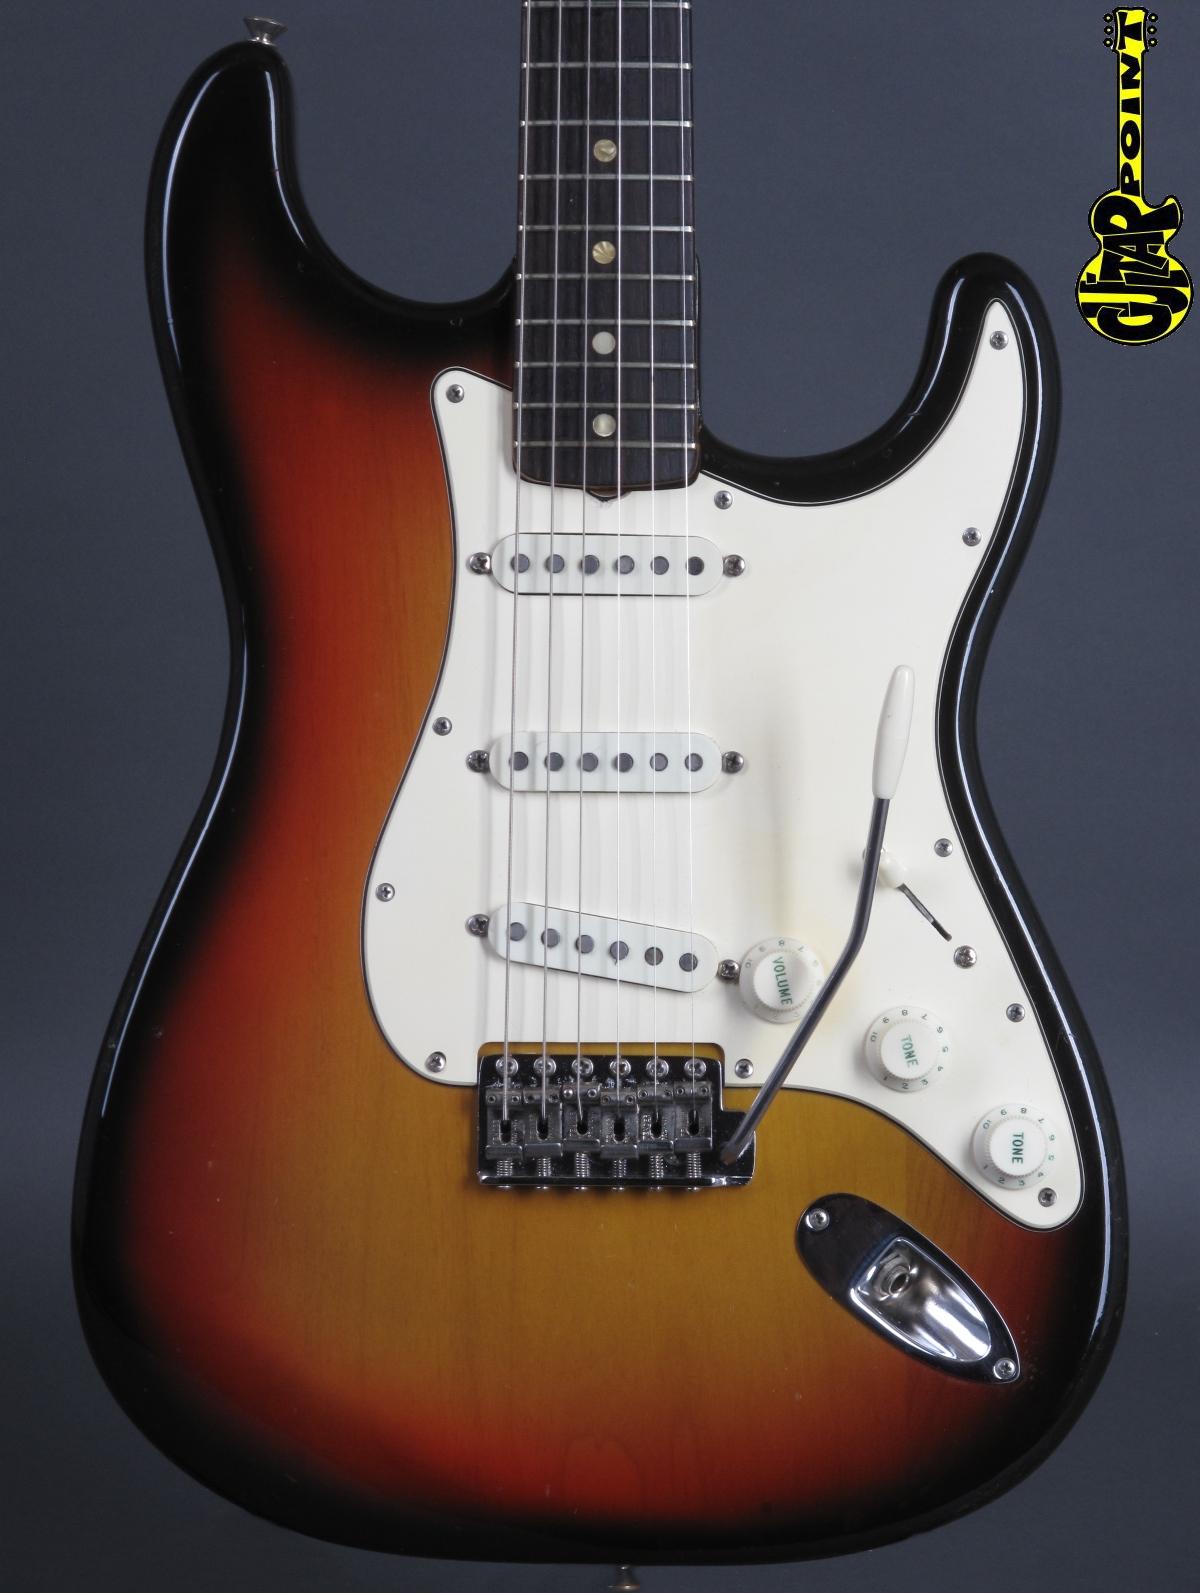 1970 Fender Stratocaster - 3-tone Sunburst  ...clean & lightweight !